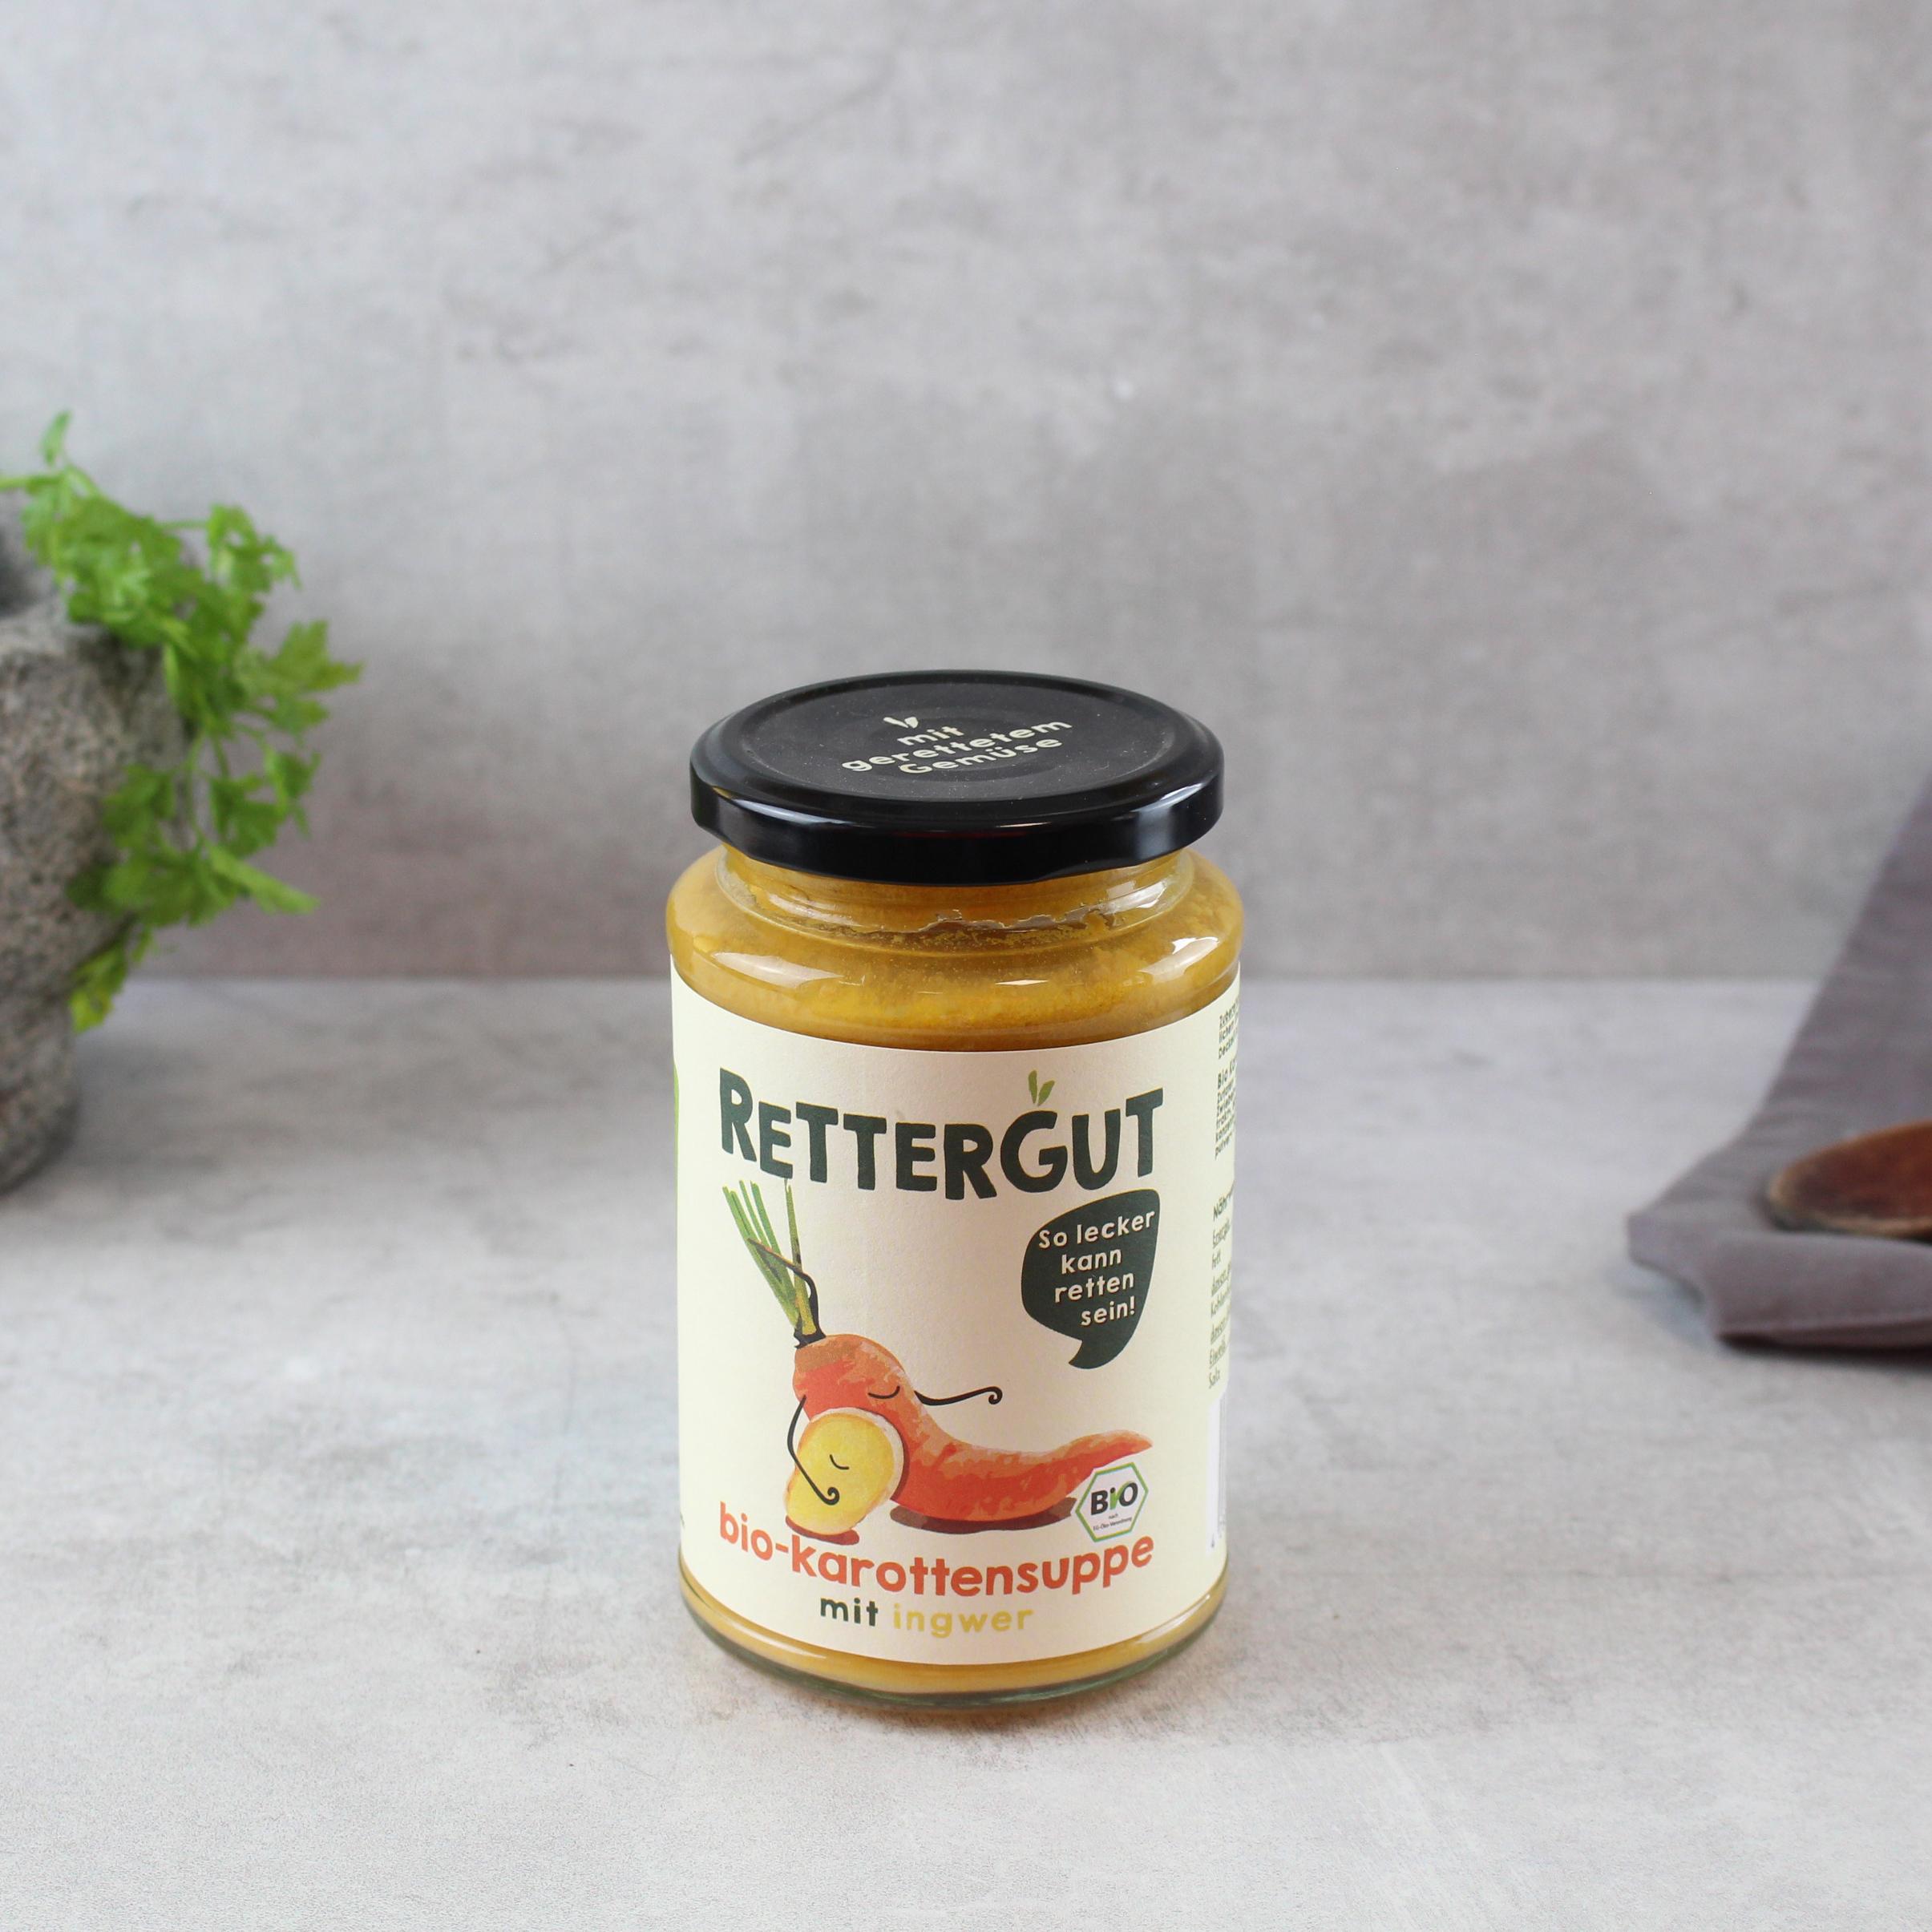 Karottensuppe mit Ingwer Dörrwerk BIO